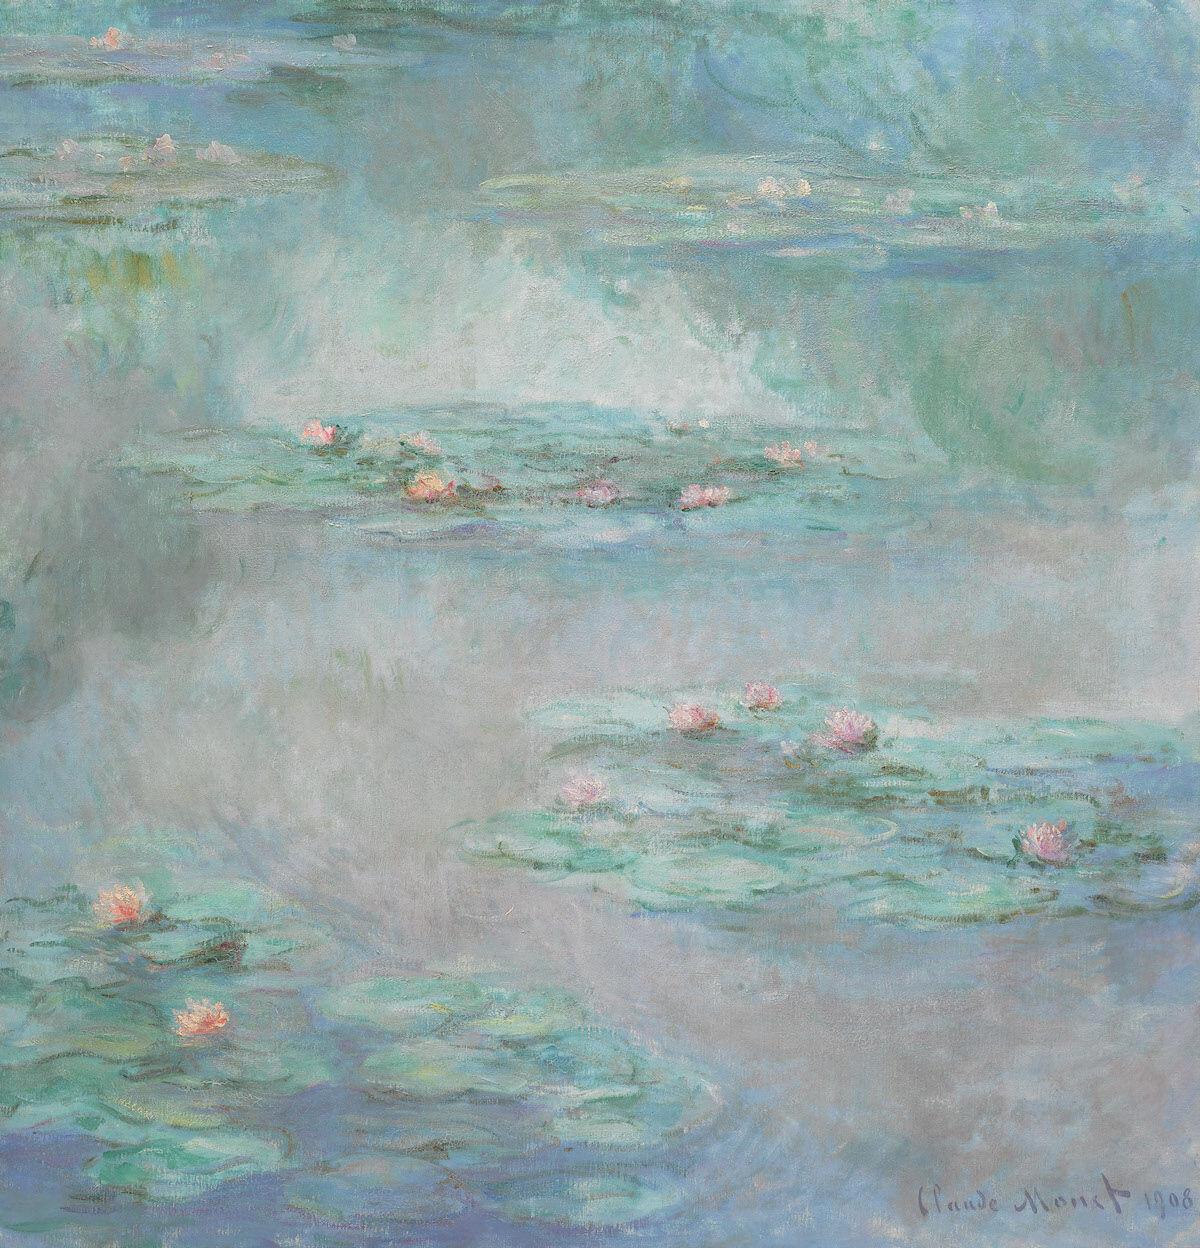 Claude Monet, Nymphéas, 1908, oil on canvas. Est. £25 million–35 million. Courtesy Sotheby's.